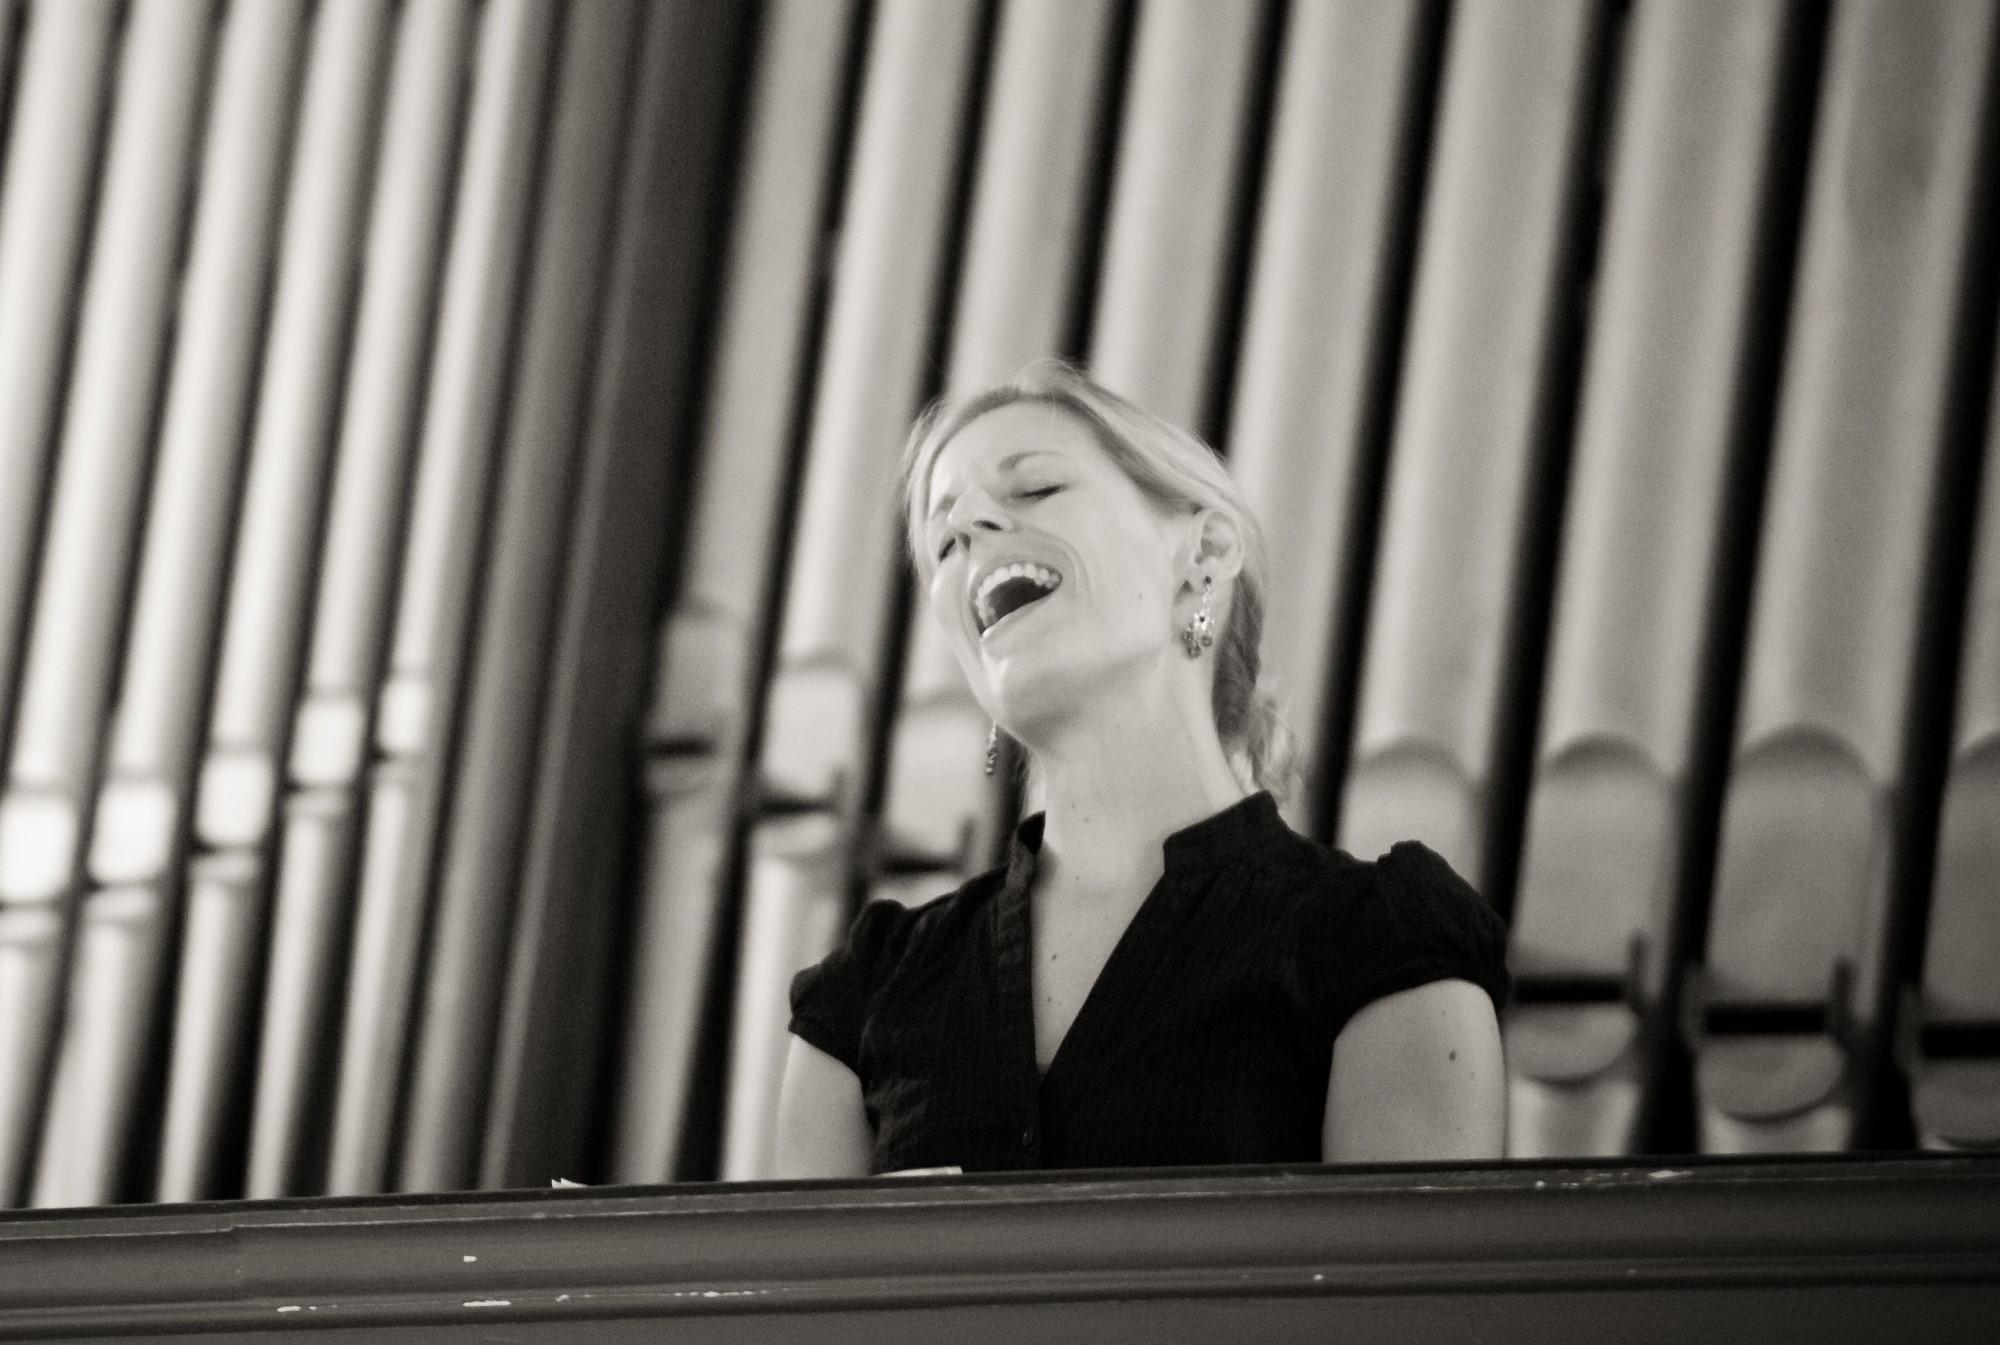 Rafaela Kloubert - Gesang Sängerin - Köln, Düsseldorf, Aachen, Pulheim